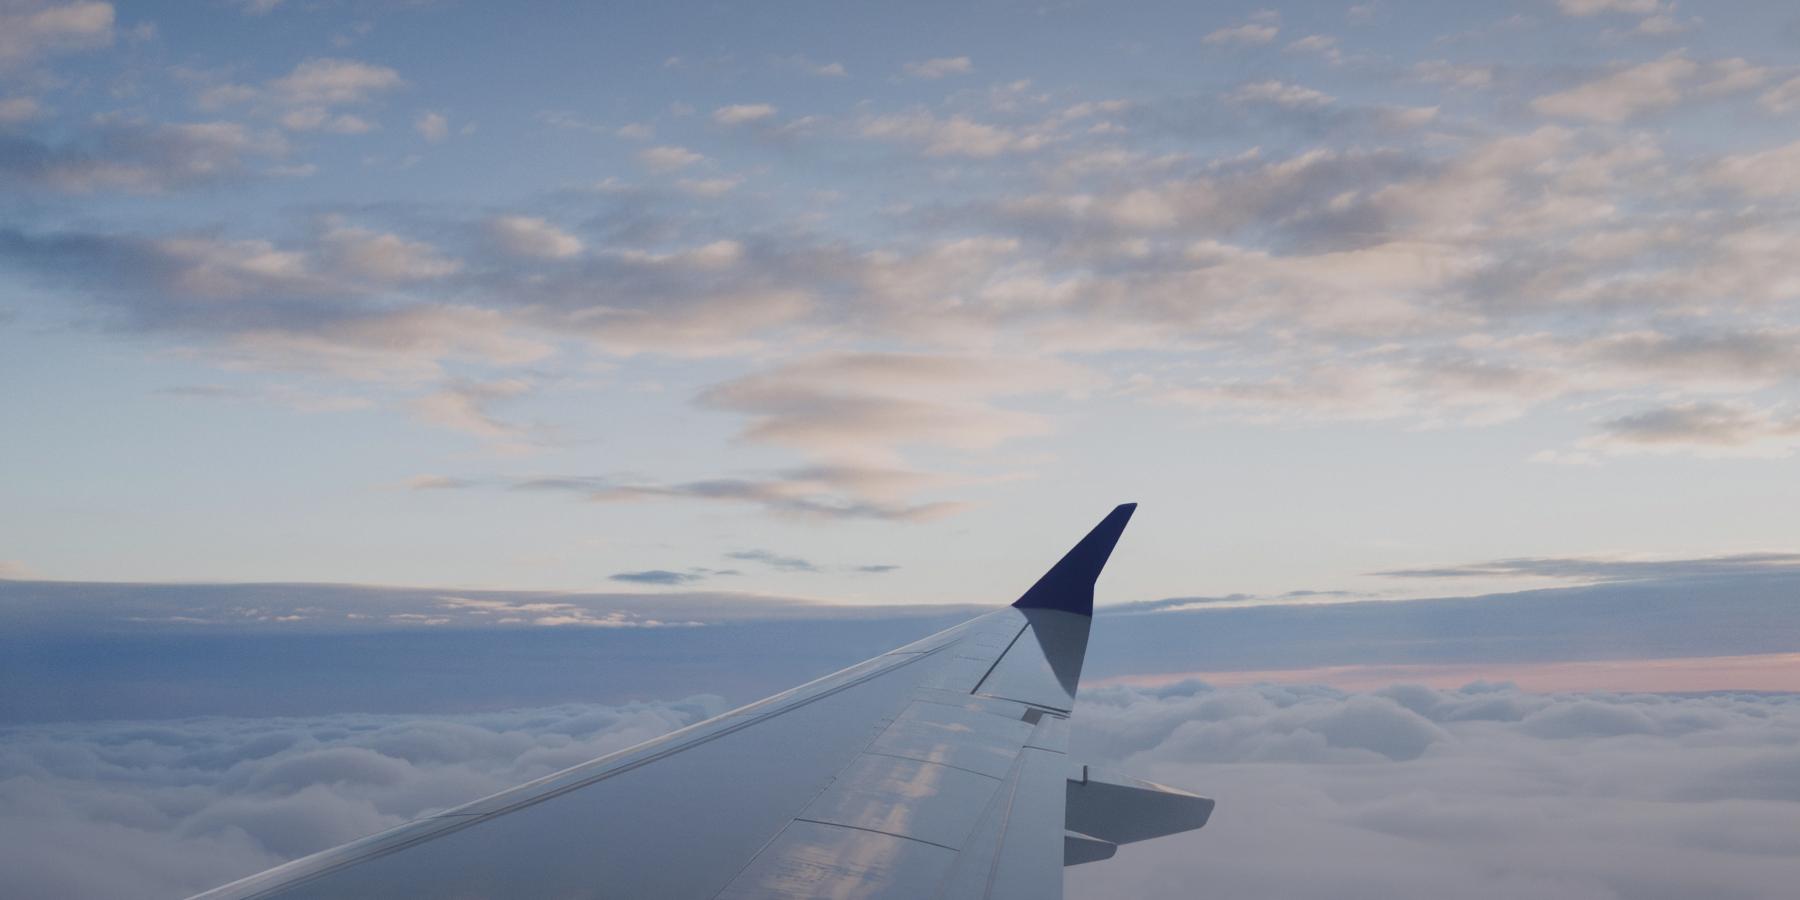 6b5ca57a7438d Mit einer Spende von 10.000 Euro hat Recaro Aircraft Seating die Kosten von  Deutschkursen für insgesamt sechs Asylbewerber übernommen. Zum Abschluss der  ...